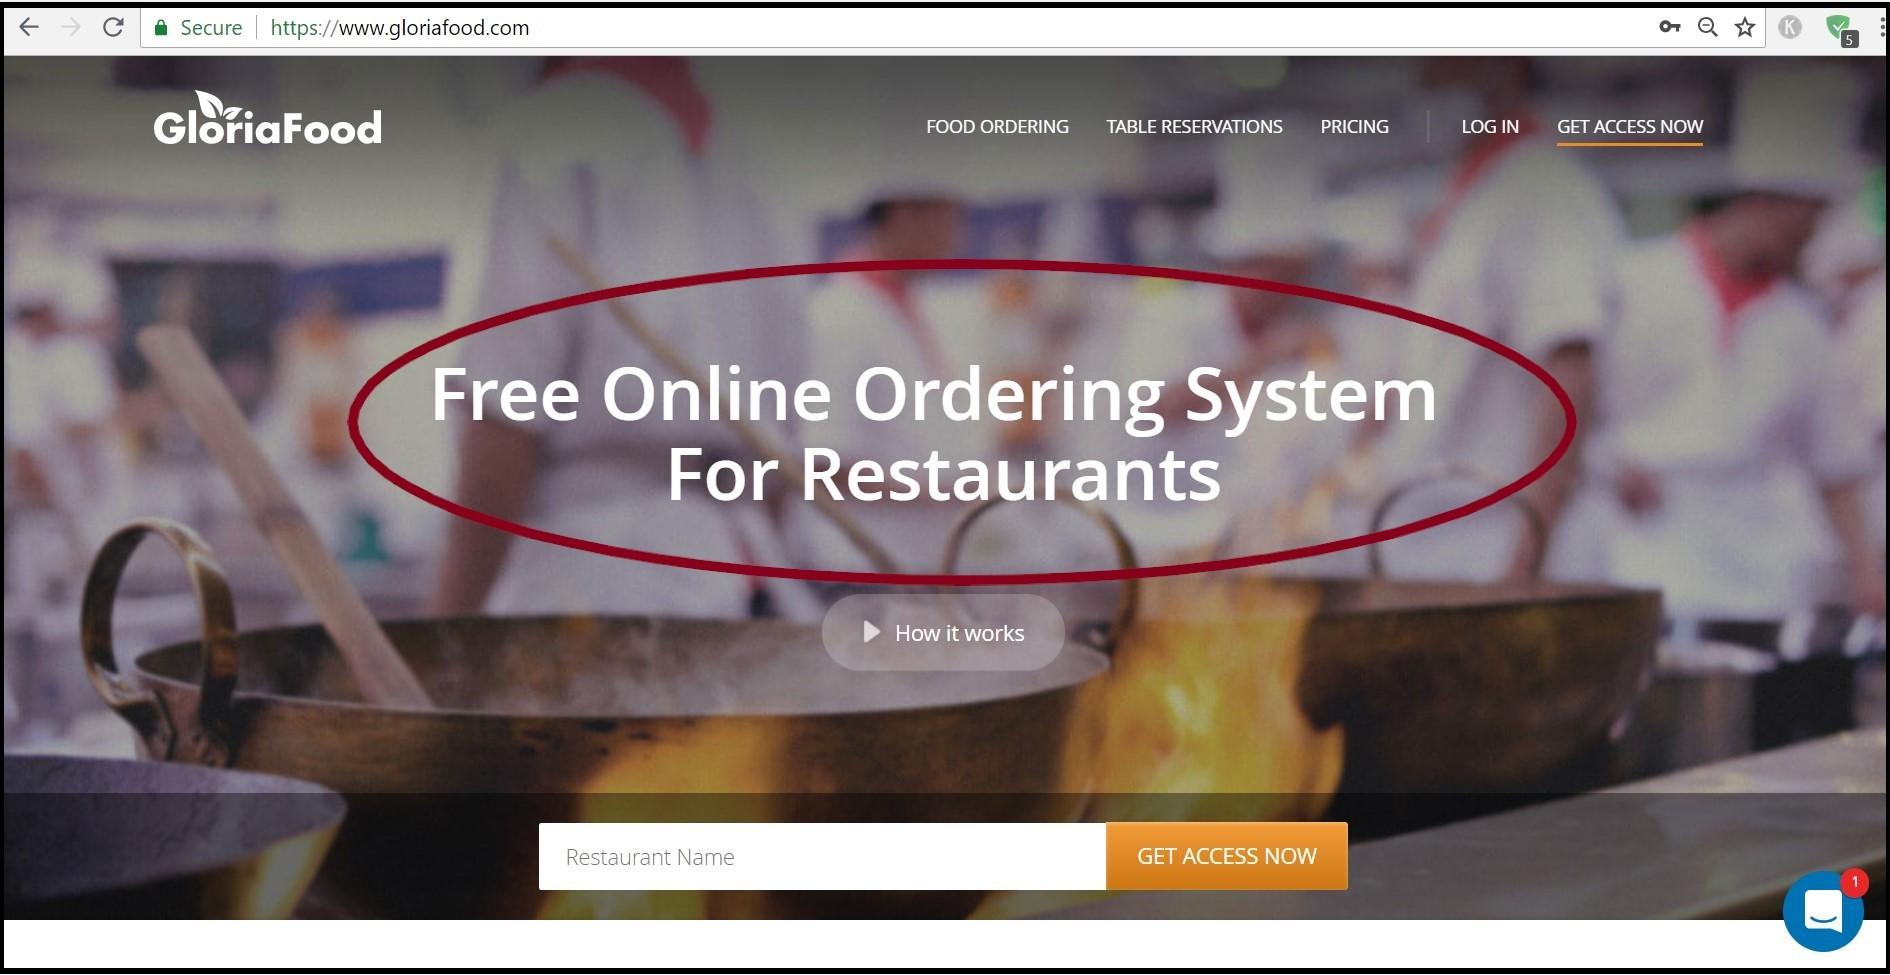 restaurant SEO tactics: have a visible headline